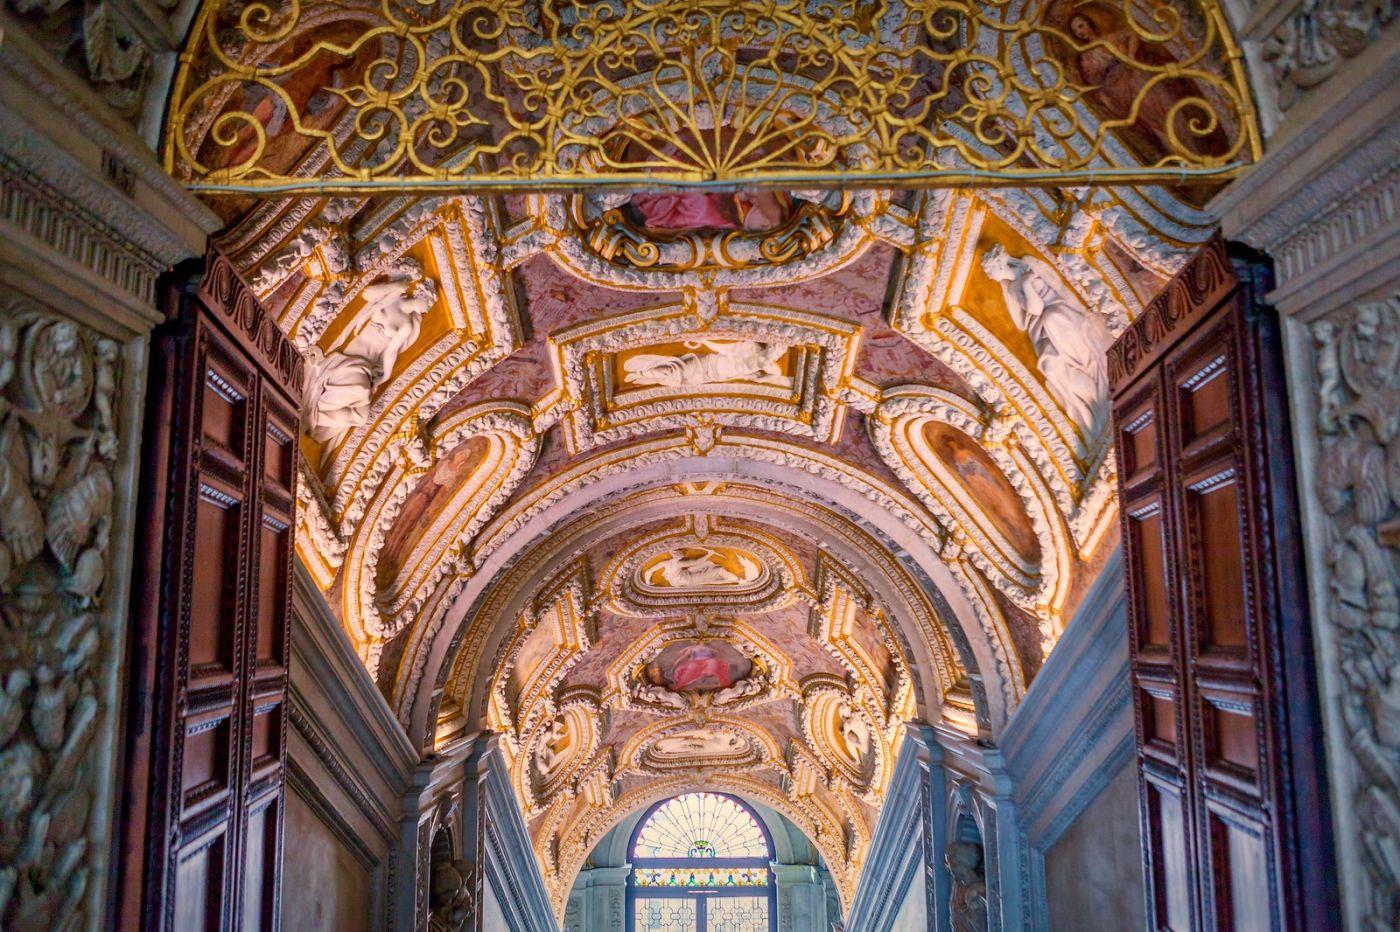 威尼斯圣马可大教堂(St Mark's Basilica), 精雕细琢的顶设_图1-32